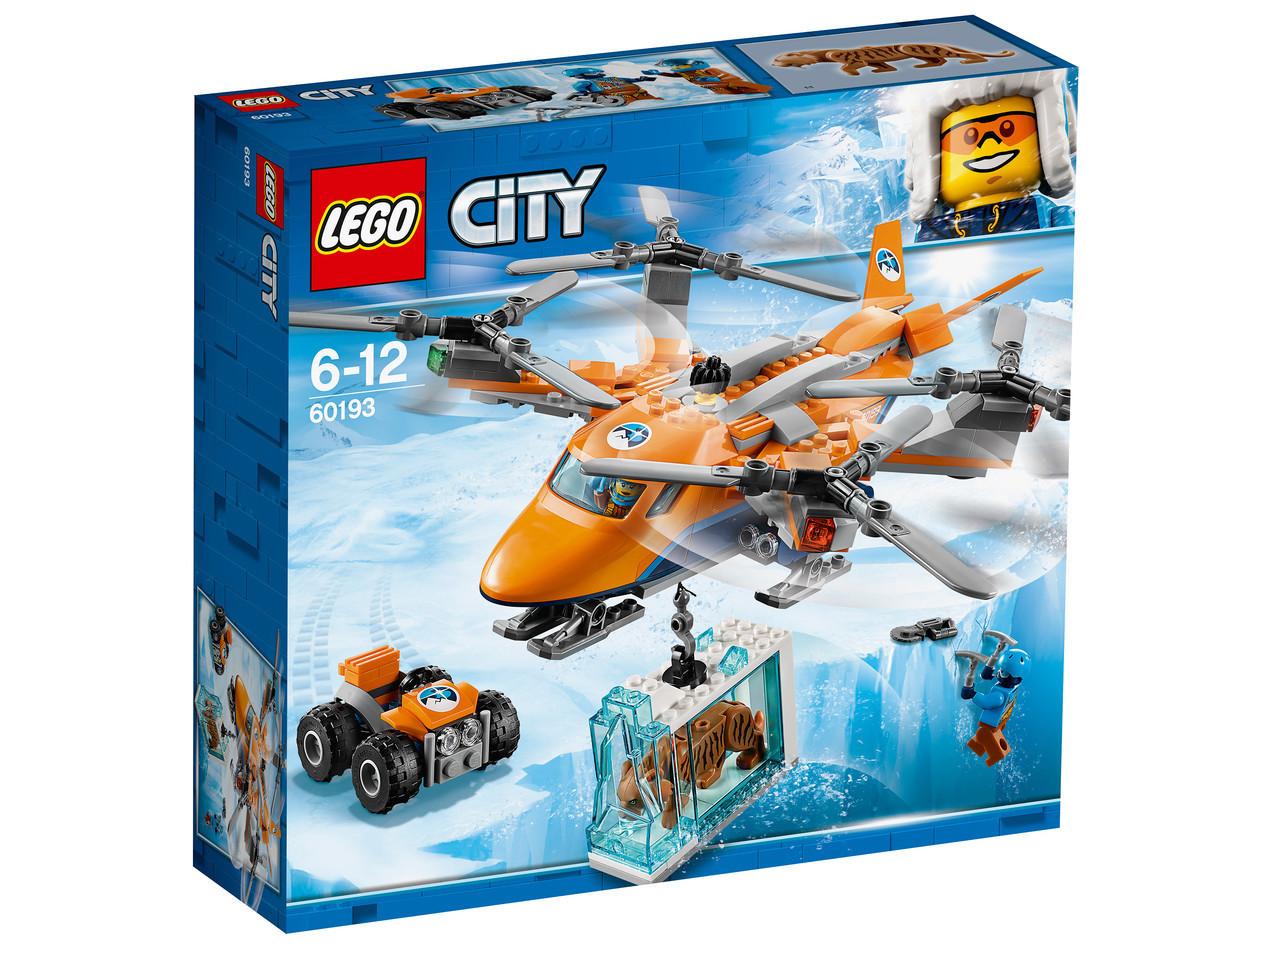 Lego City Арктическая экспедиция: Арктический вертолёт 60193